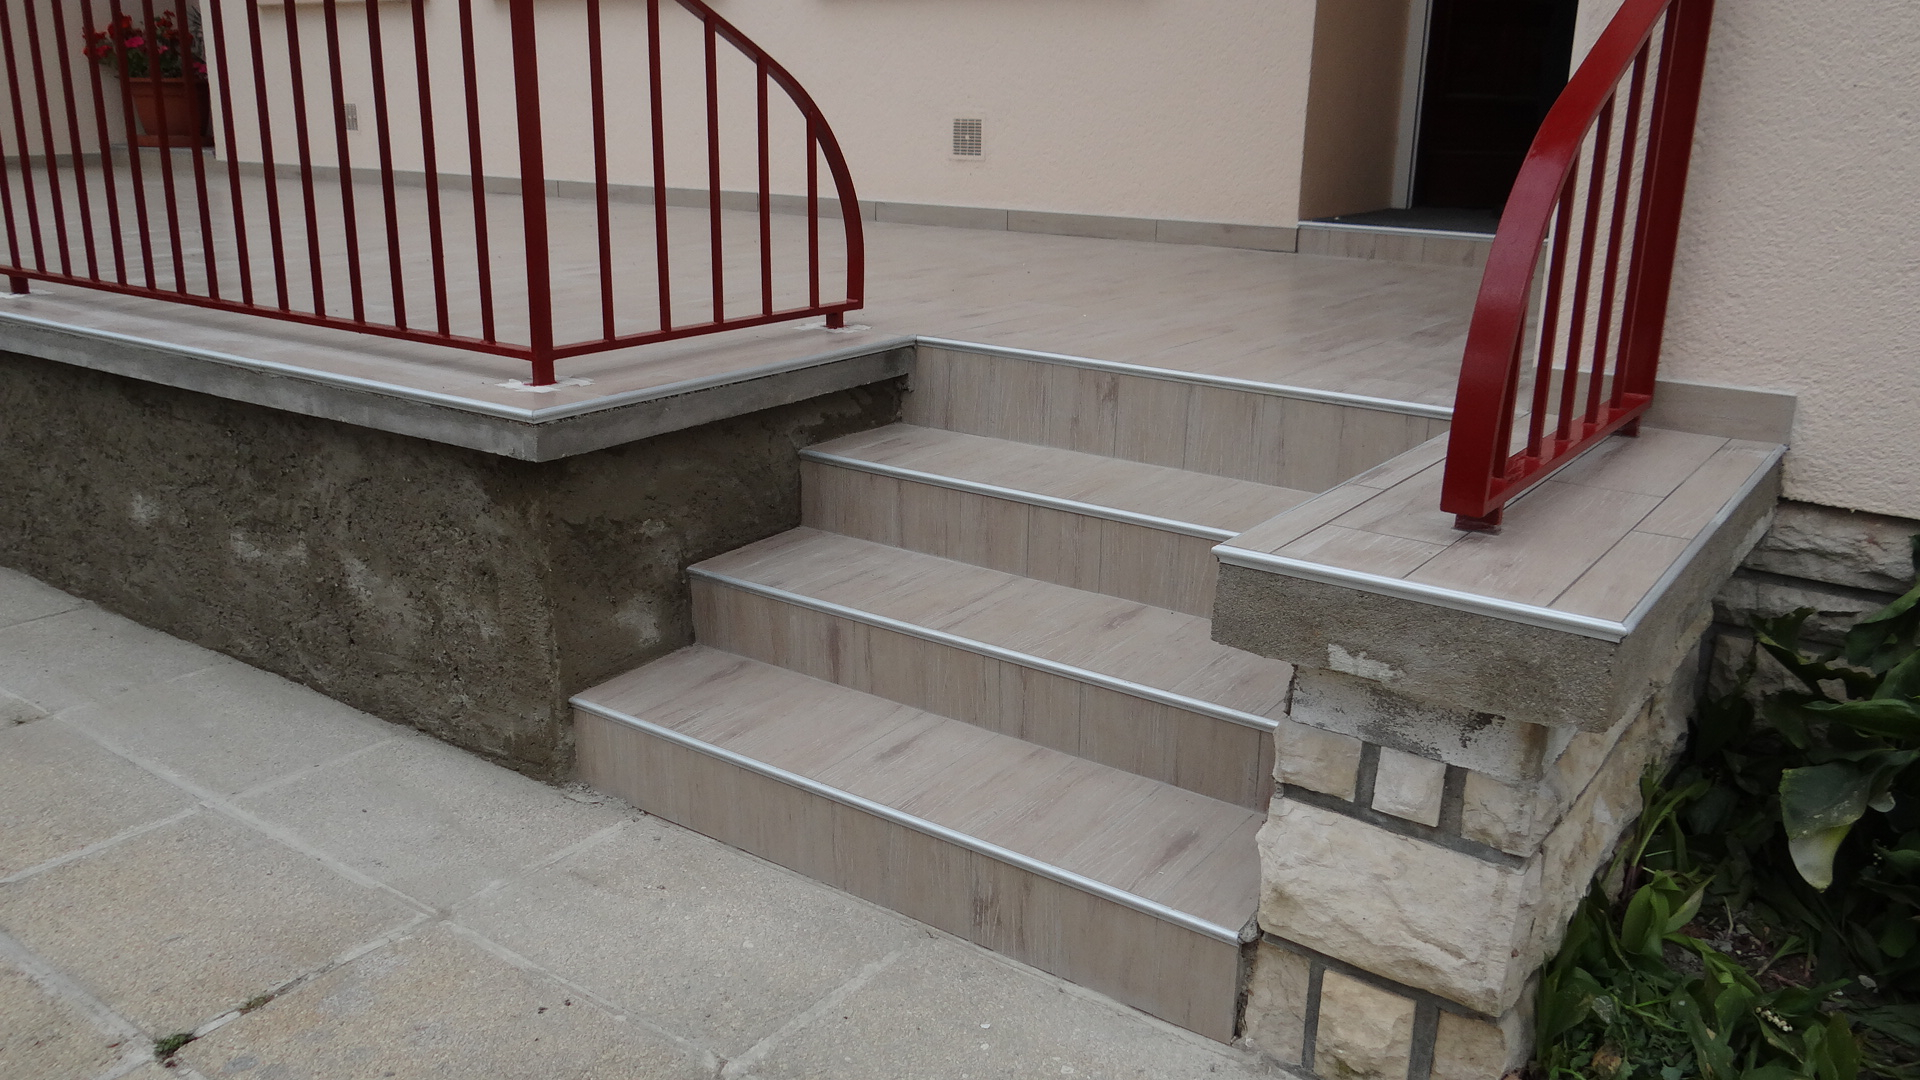 Carrelage Pour Escalier Extérieur Les Escaliers Extérieurs Sarl Papin Alainsarl Papin Alain